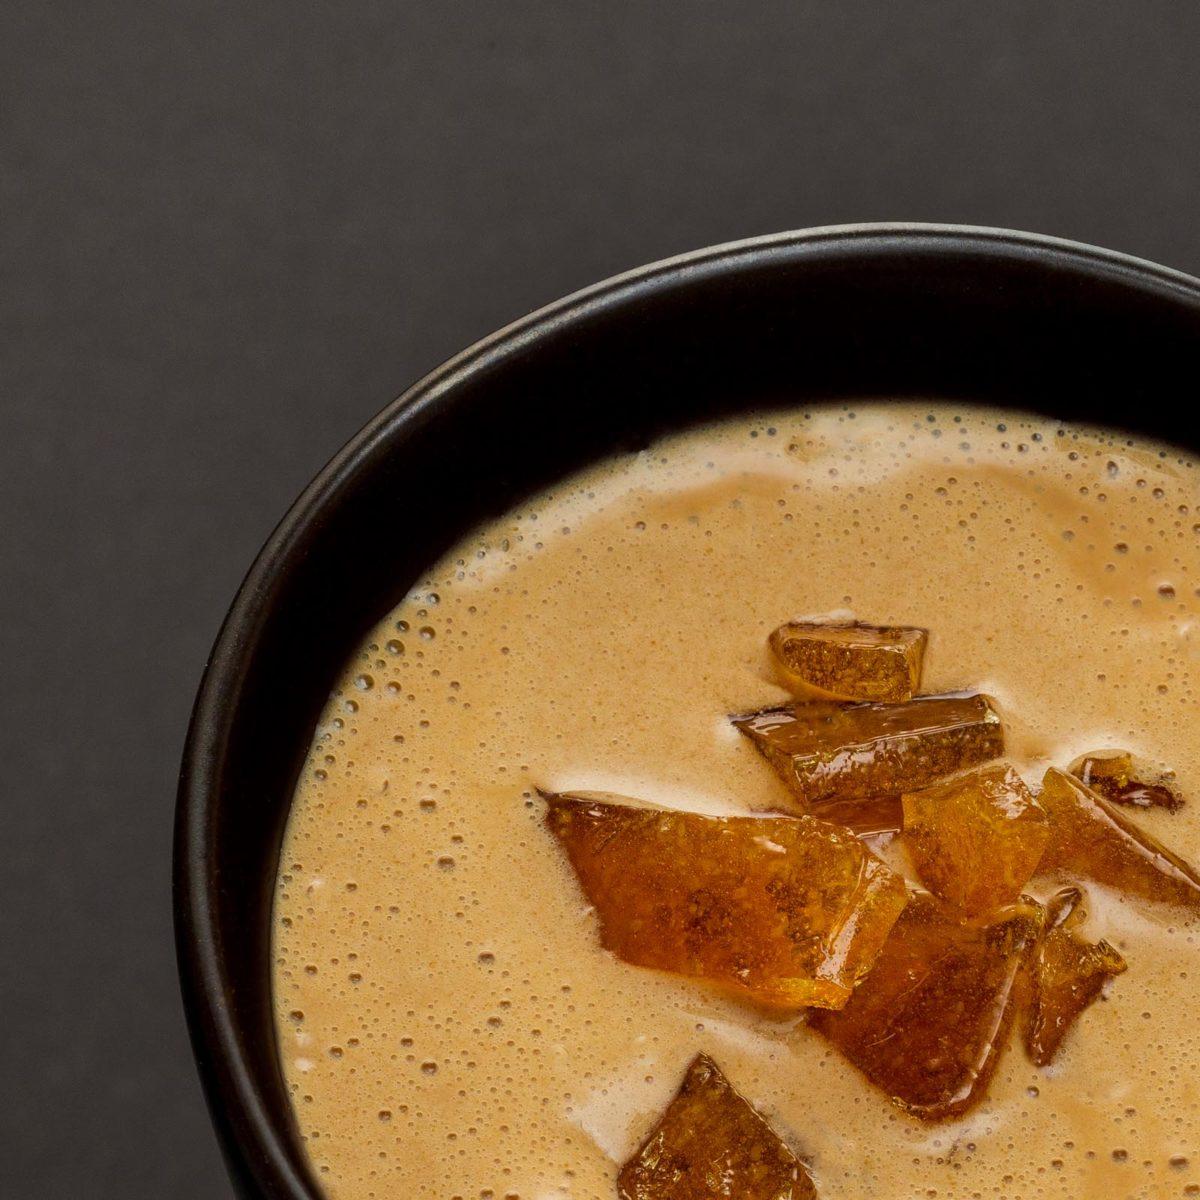 alacsony cukortartalmú desszertek a fogyáshoz